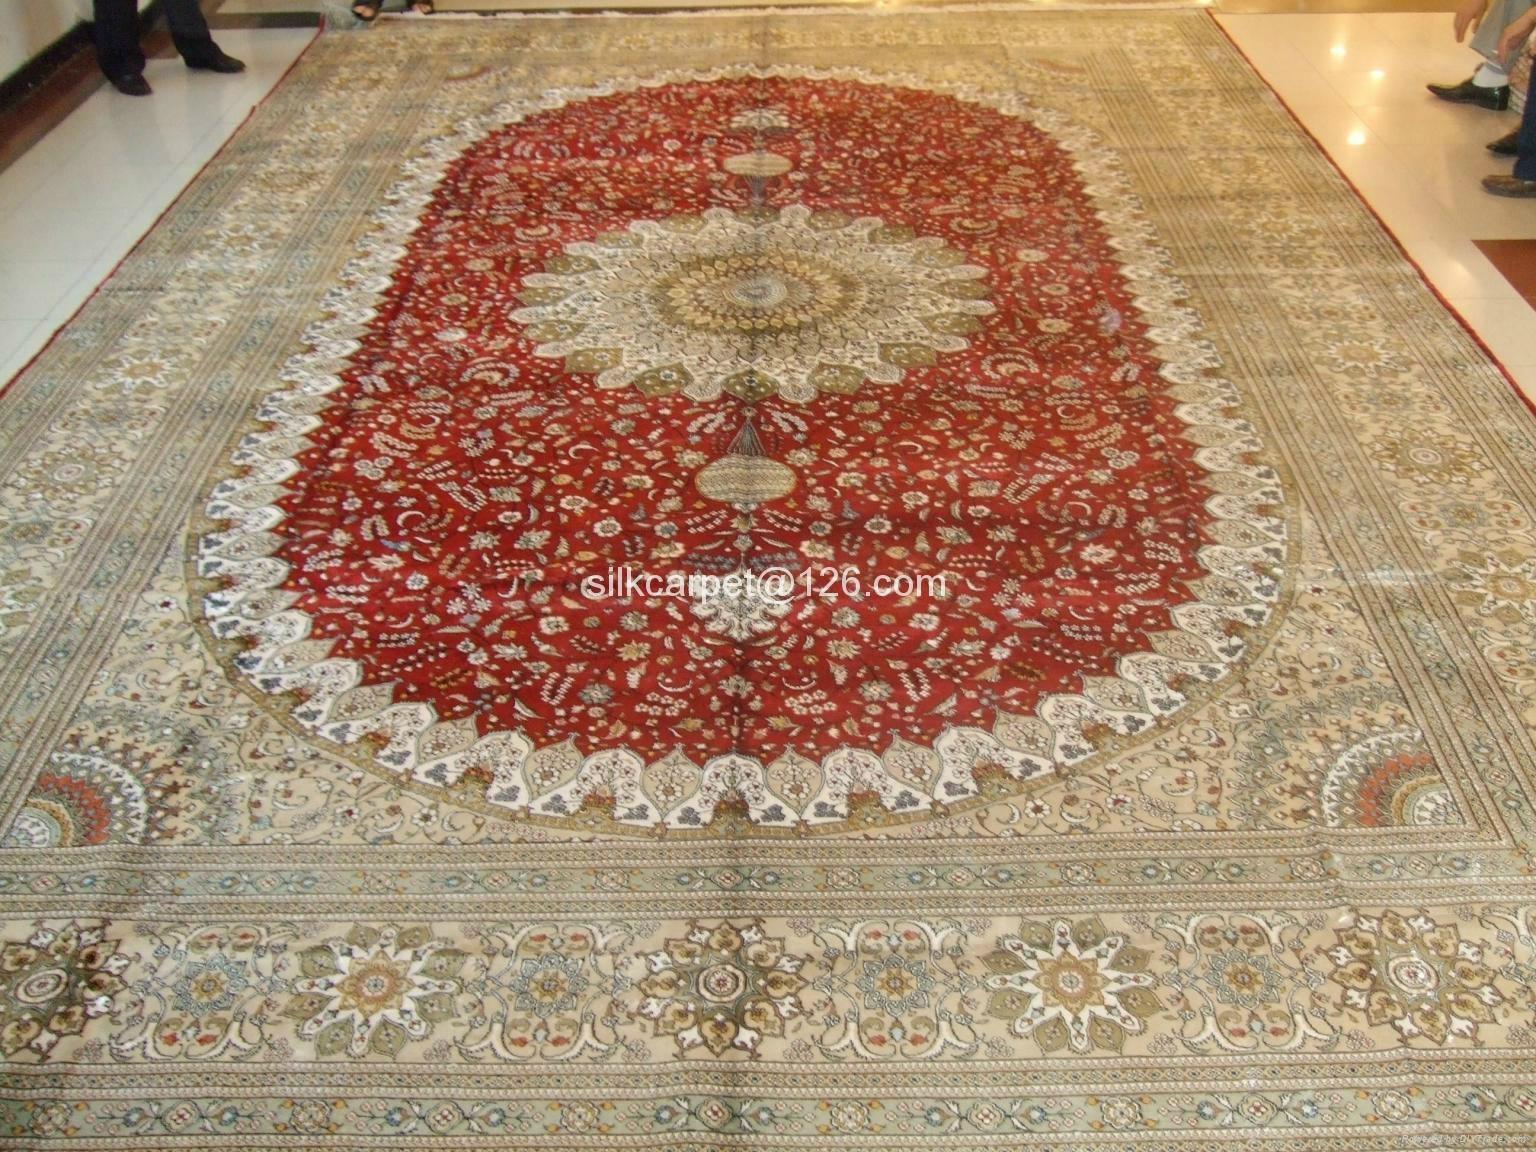 中国   天然染色波斯地毯 祈祷地毯18 X12 ft 手工真丝挂毯 1